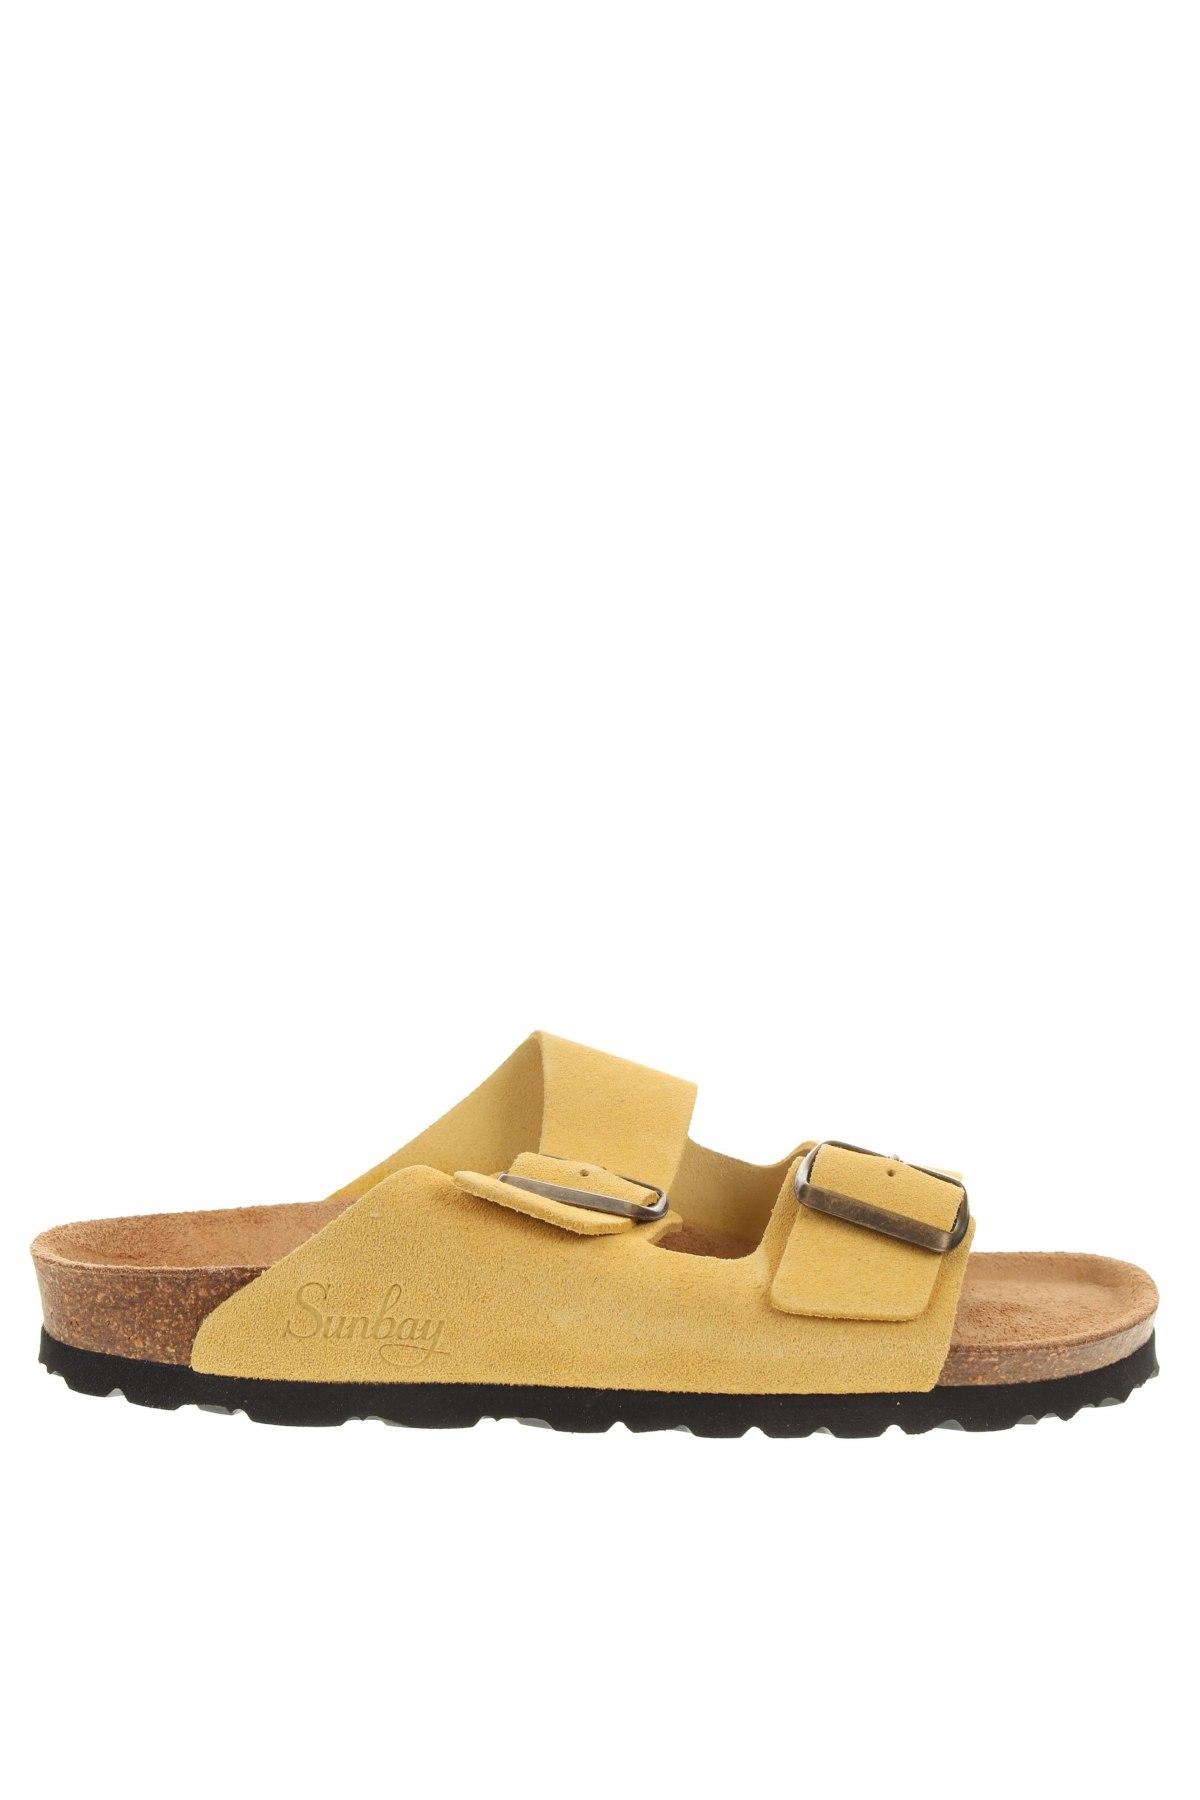 Чехли Sunbay, Размер 38, Цвят Жълт, Естествен велур, Цена 53,64лв.